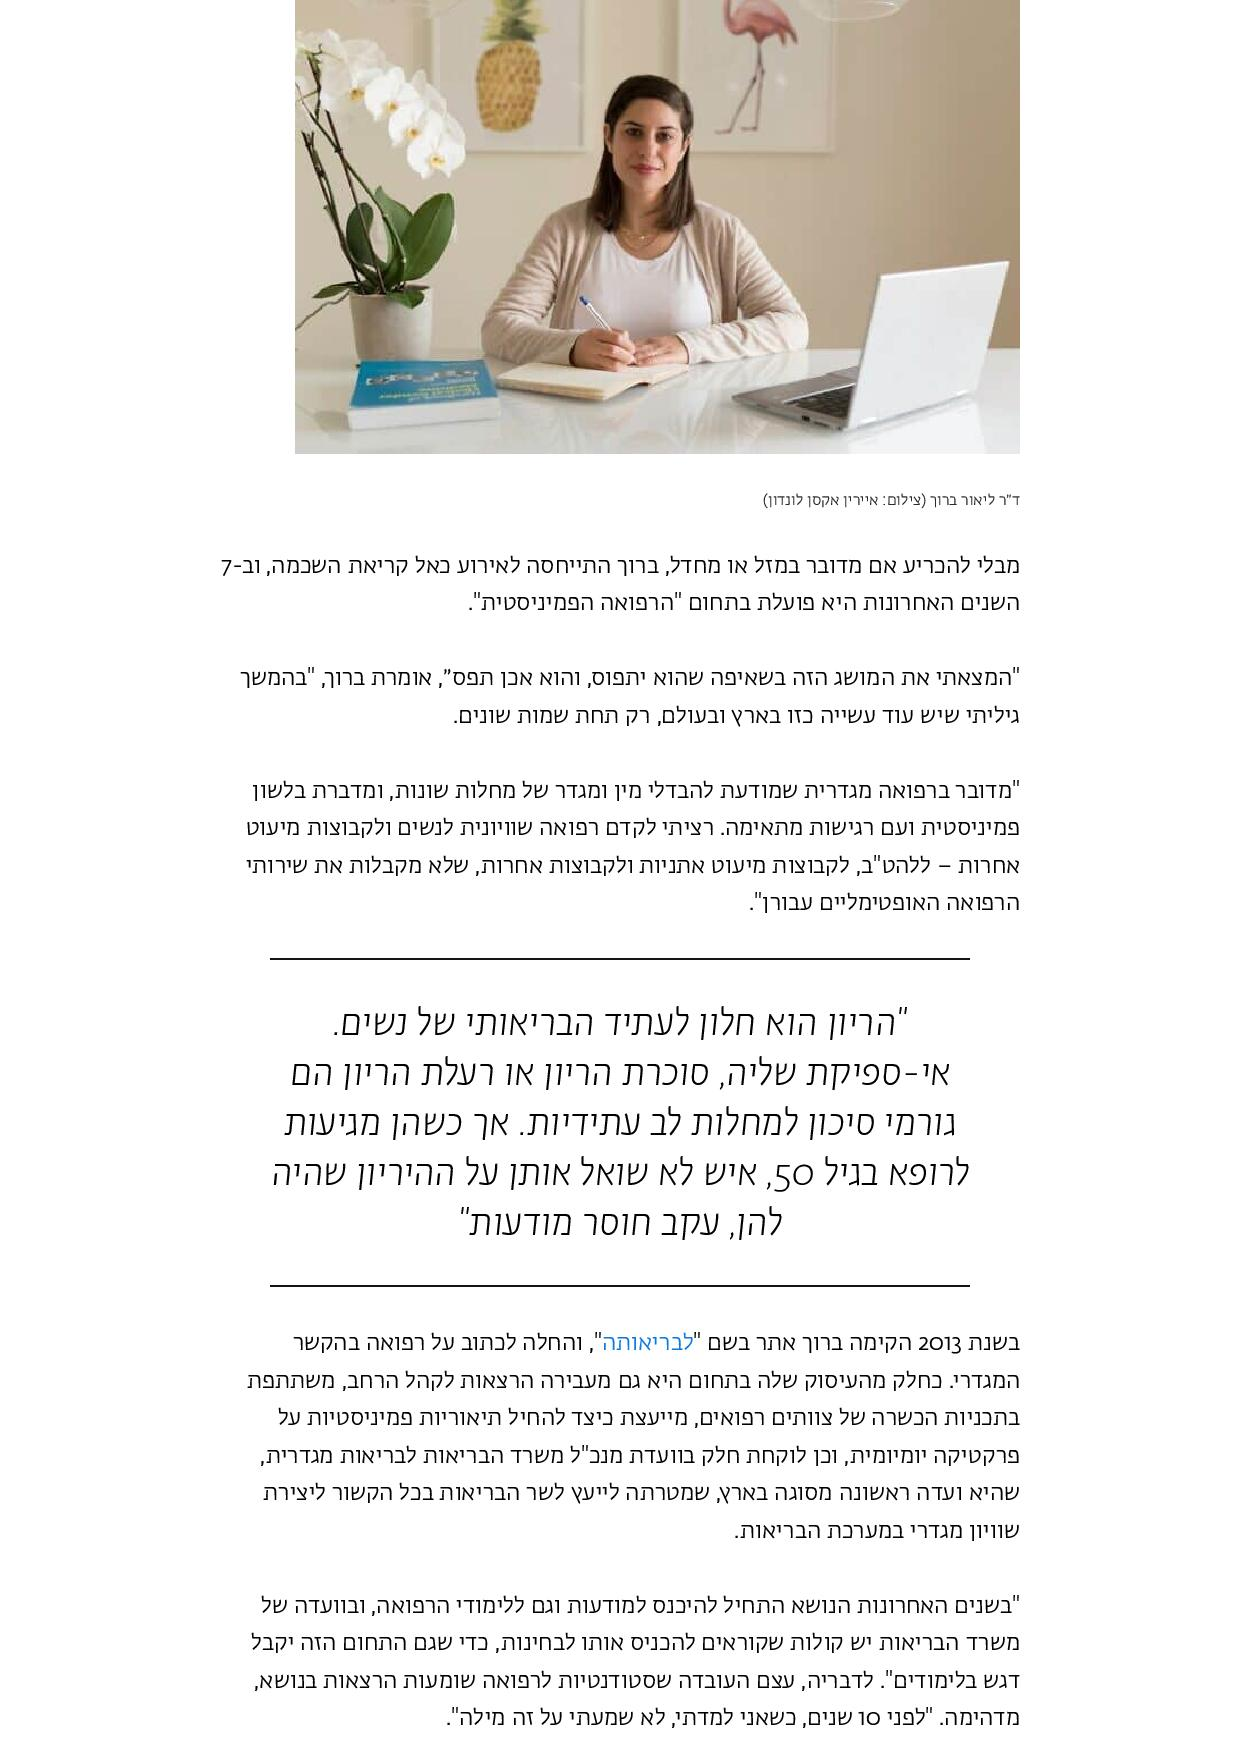 ד_ר ליאור ברוך מביאה את מהפכת הרפואה הפמיניסטית לישראל _ זמן ישראל-page-002